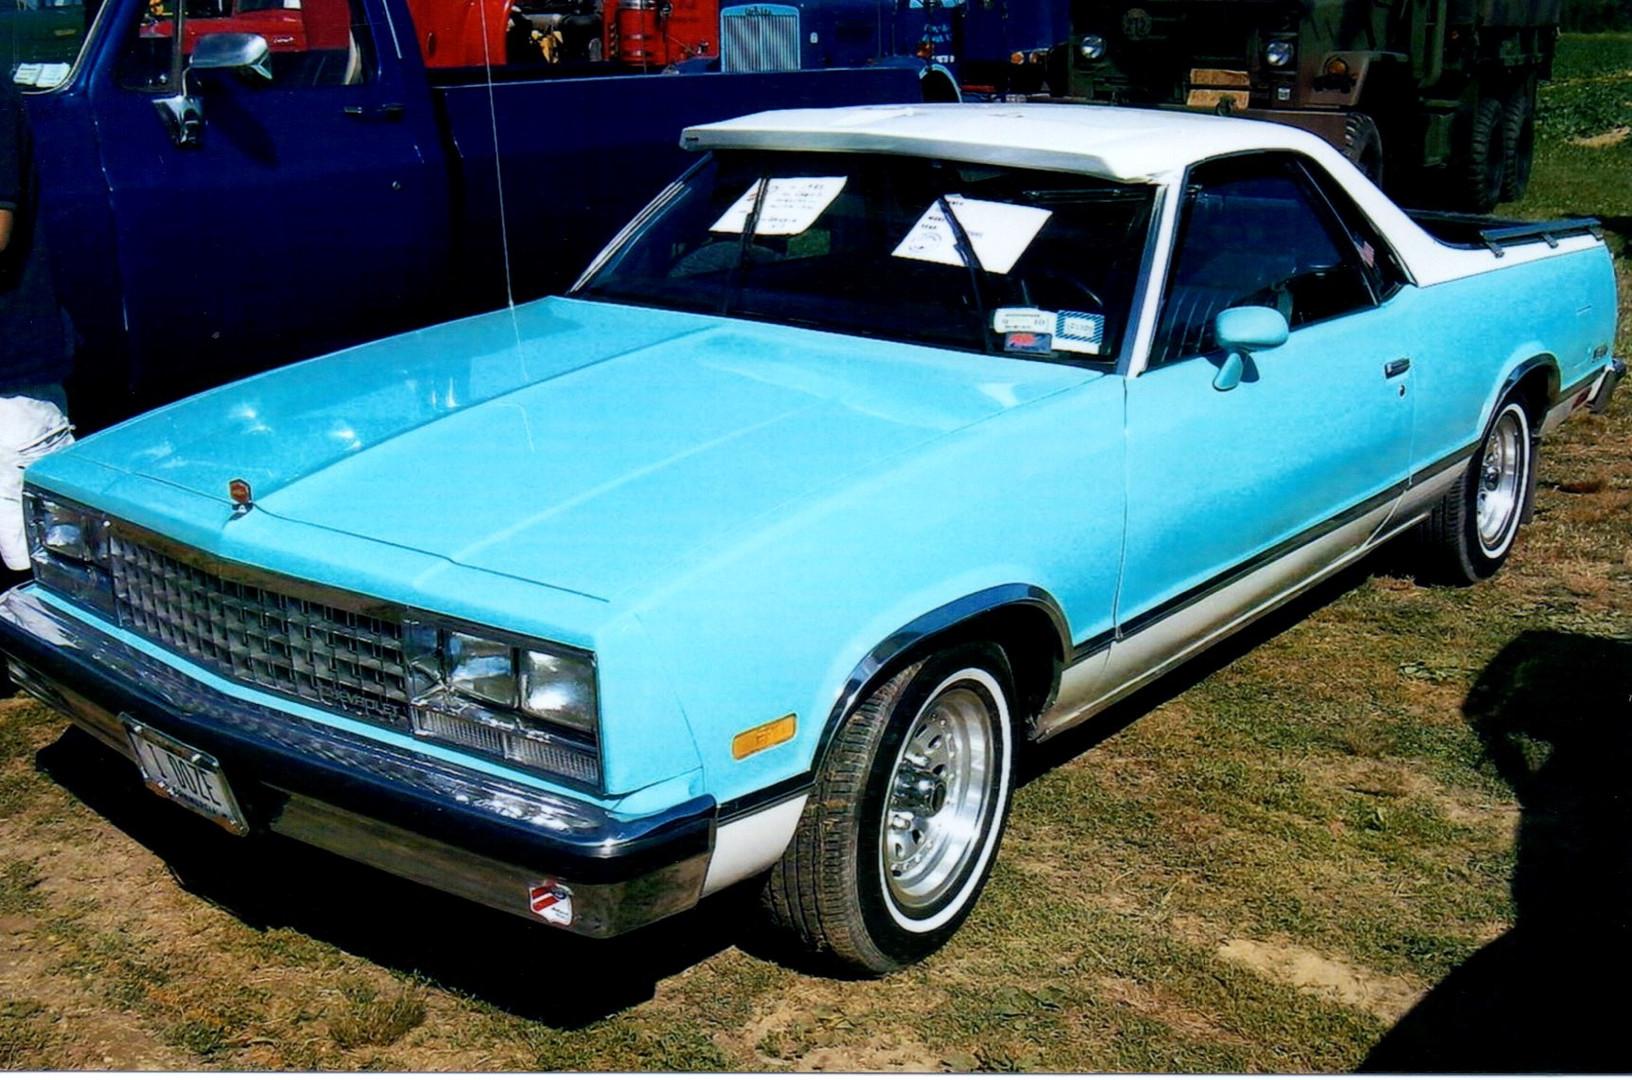 1985 Chevrolet ElCamino - Carl Cardo